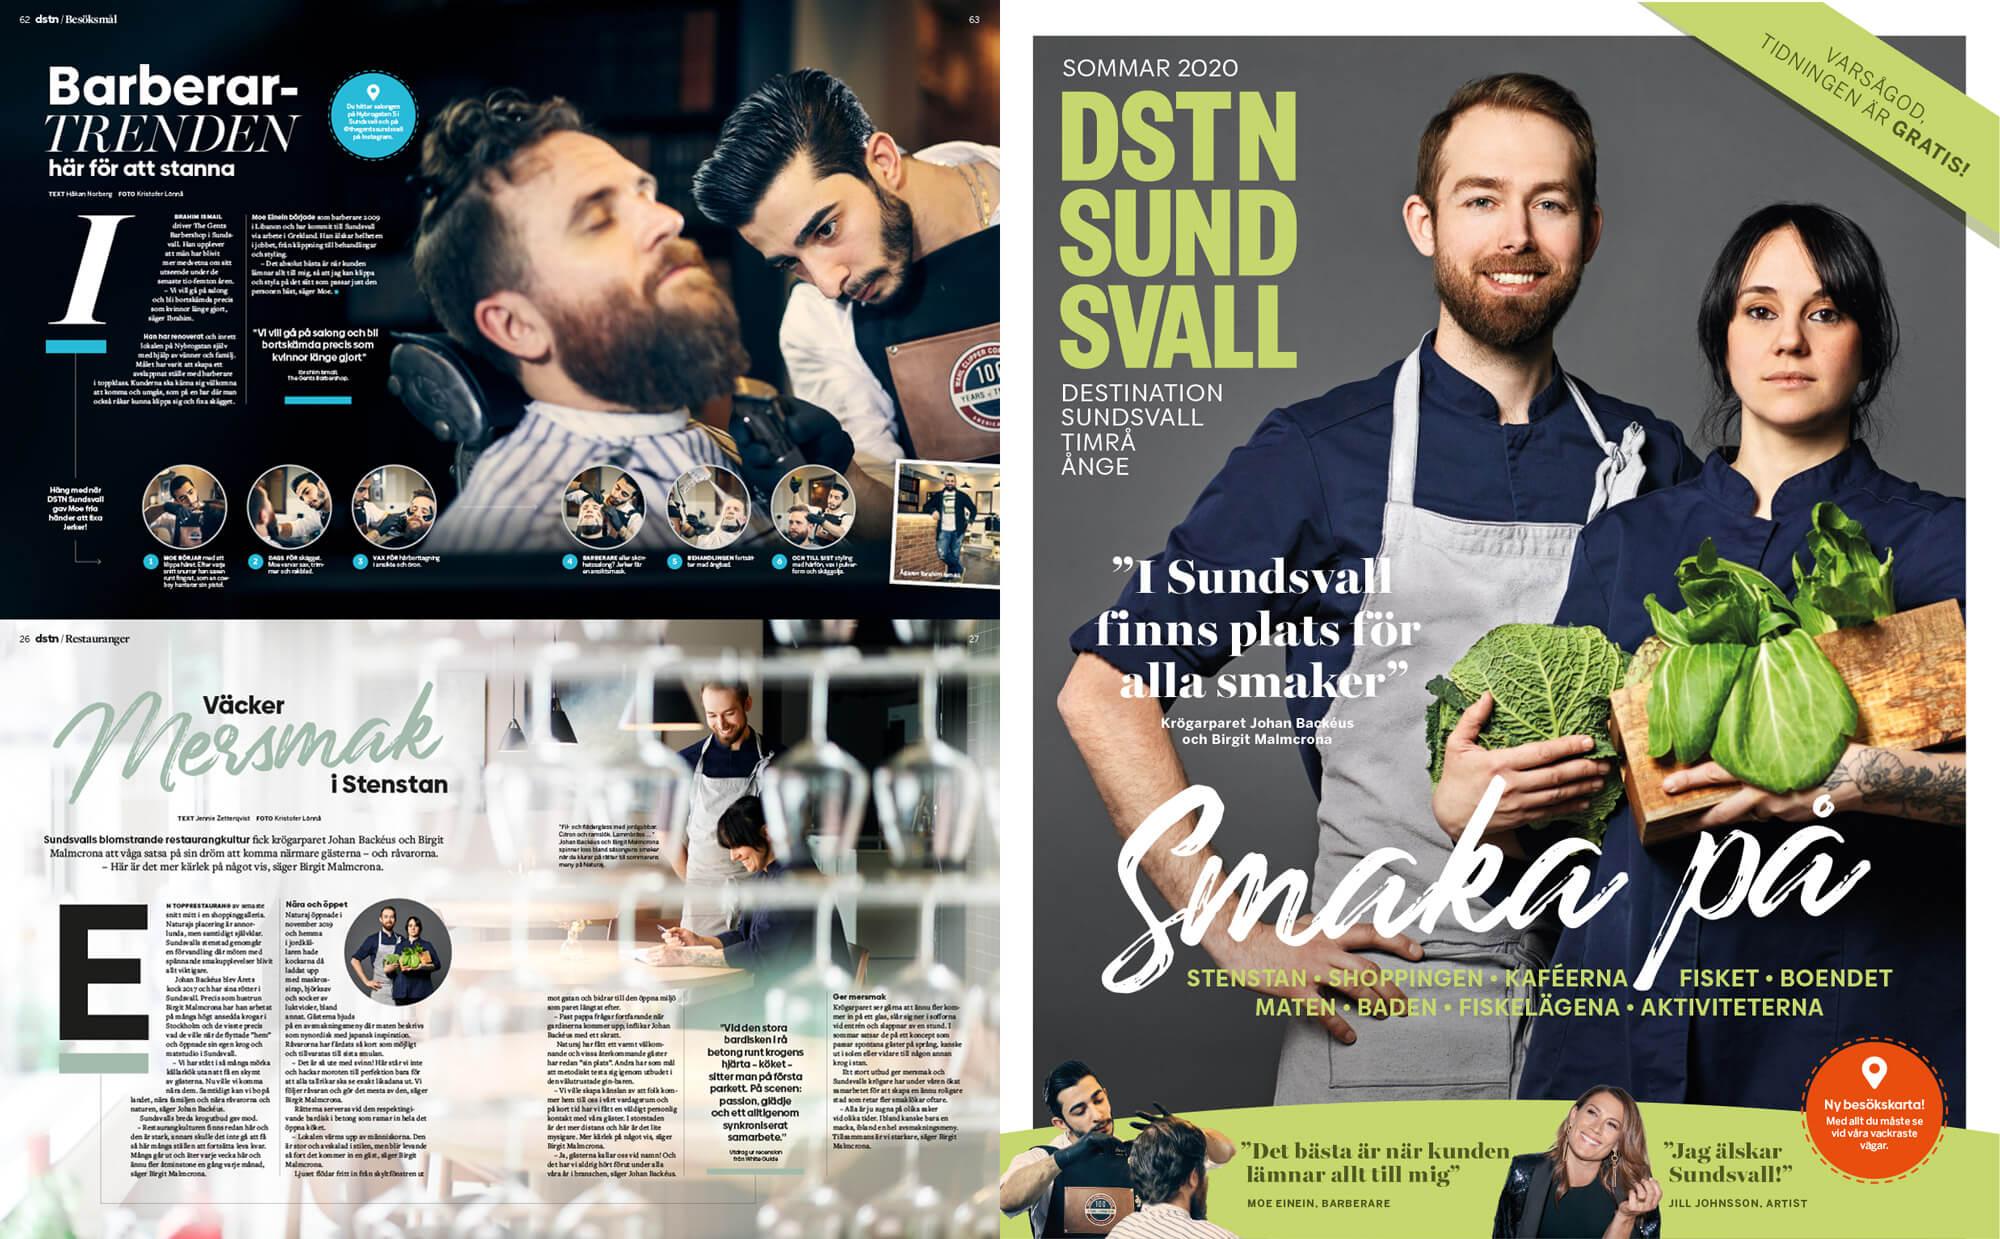 DSTN Sundsvall uppslag